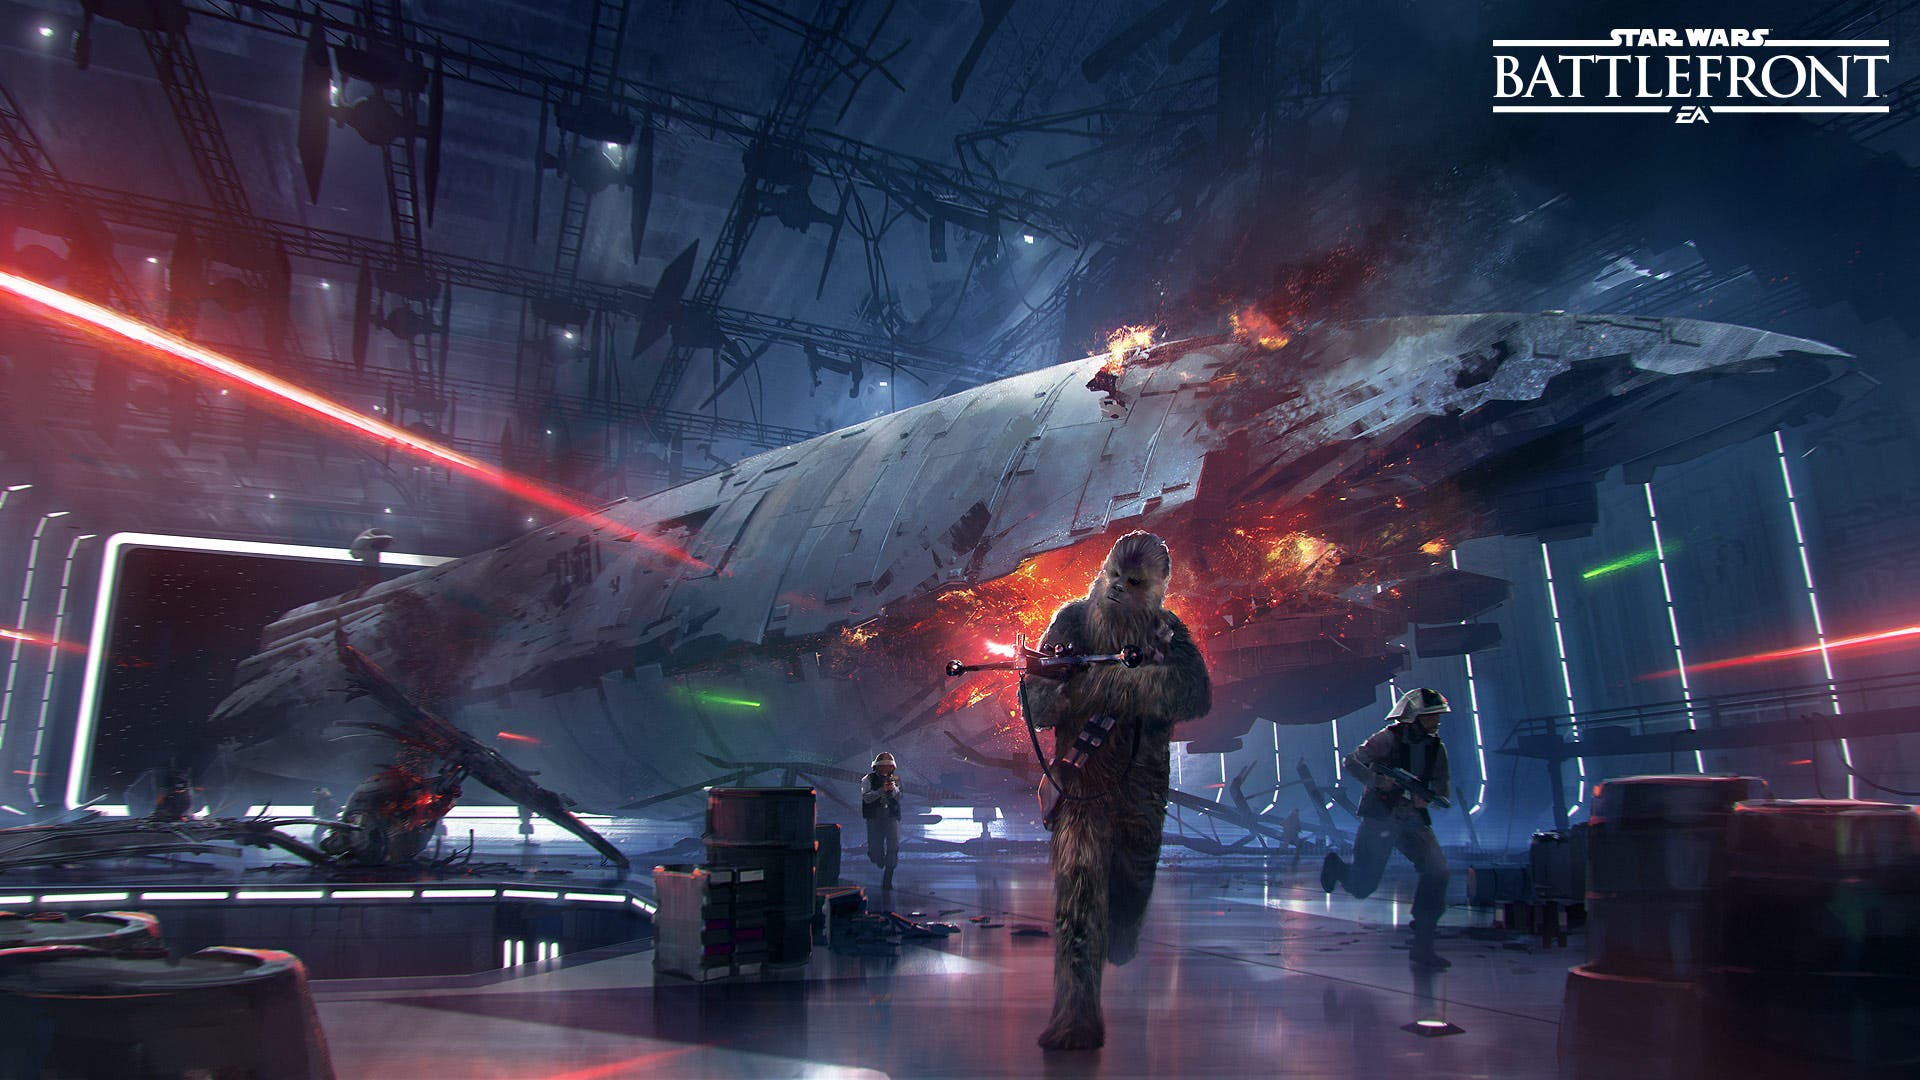 star wars battlefront chewbacca